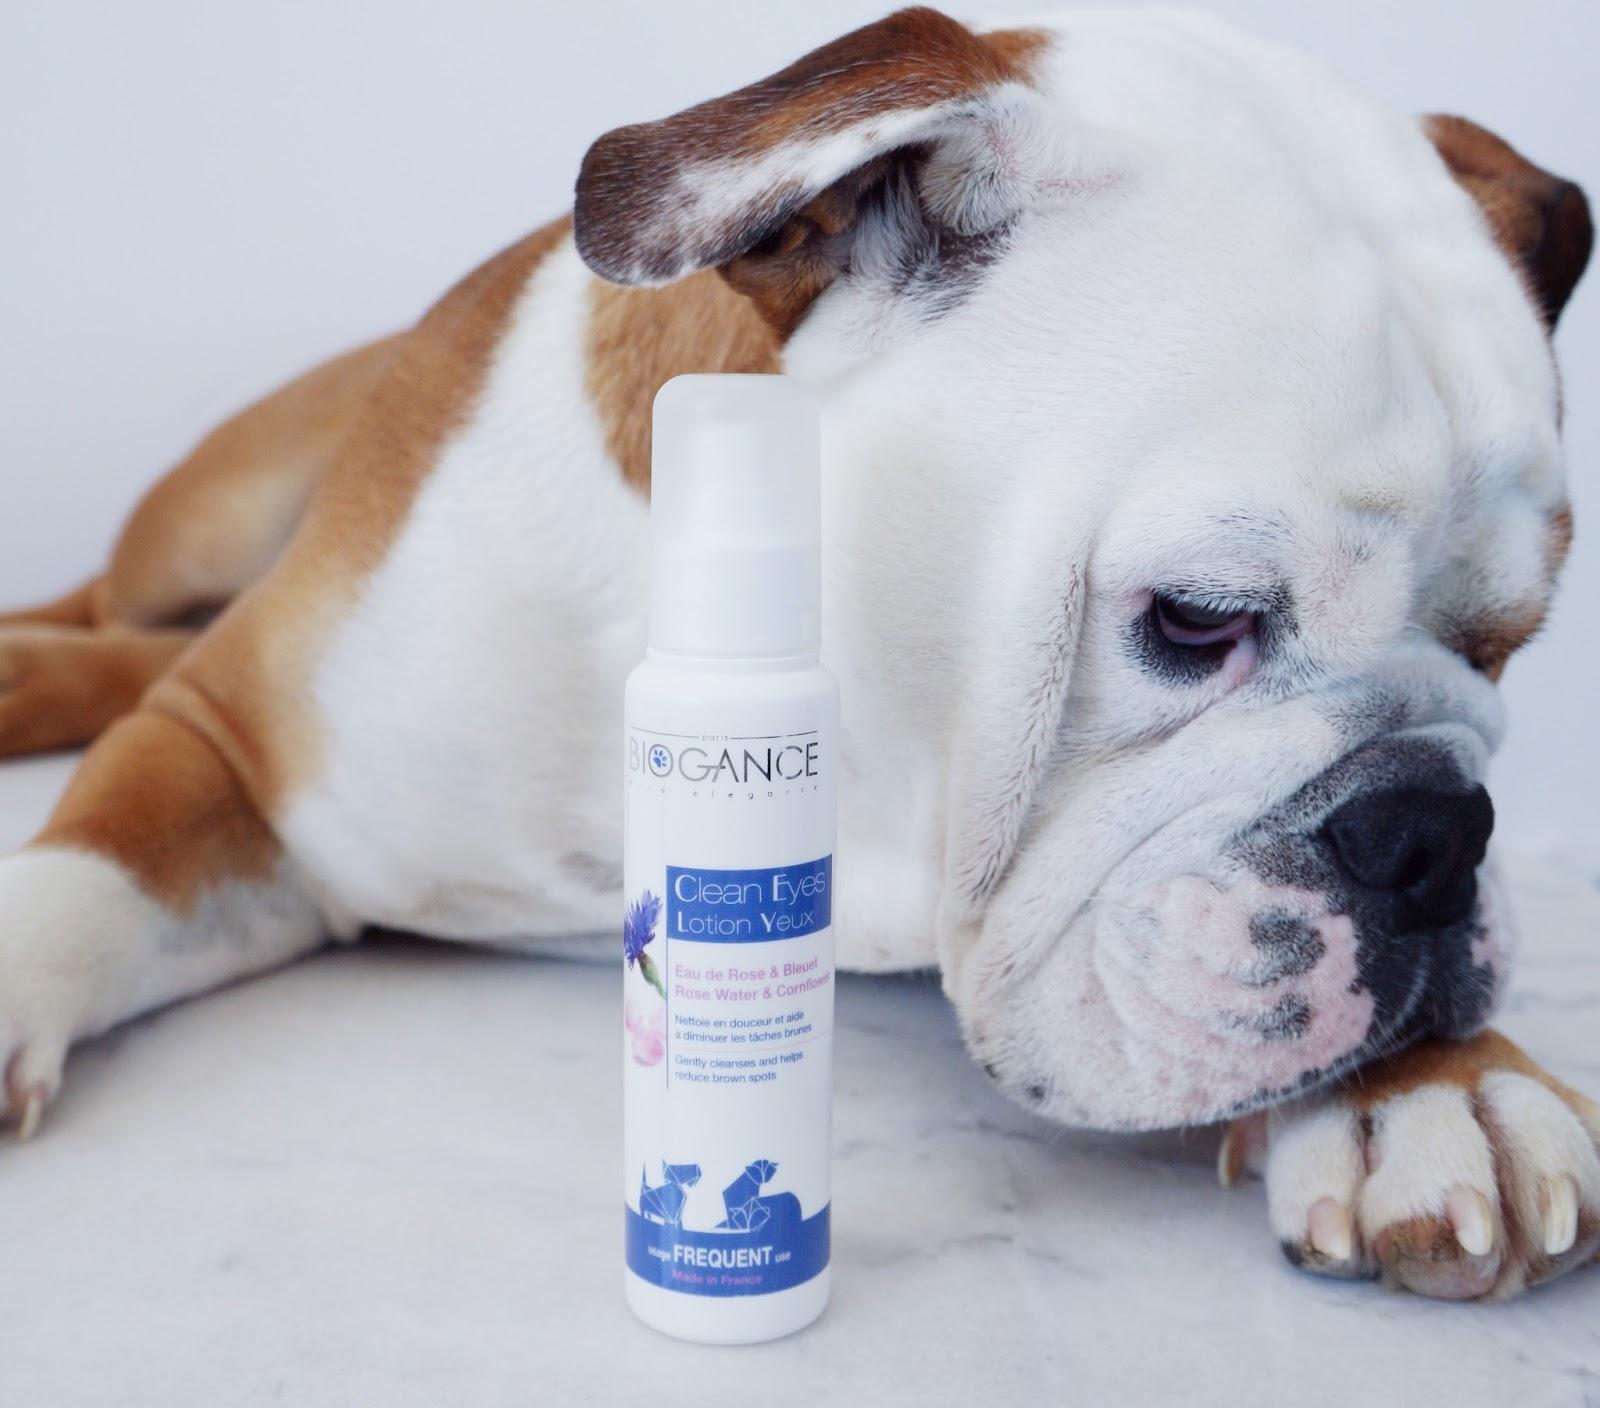 biogance traces de larmes brunes chien bulldog